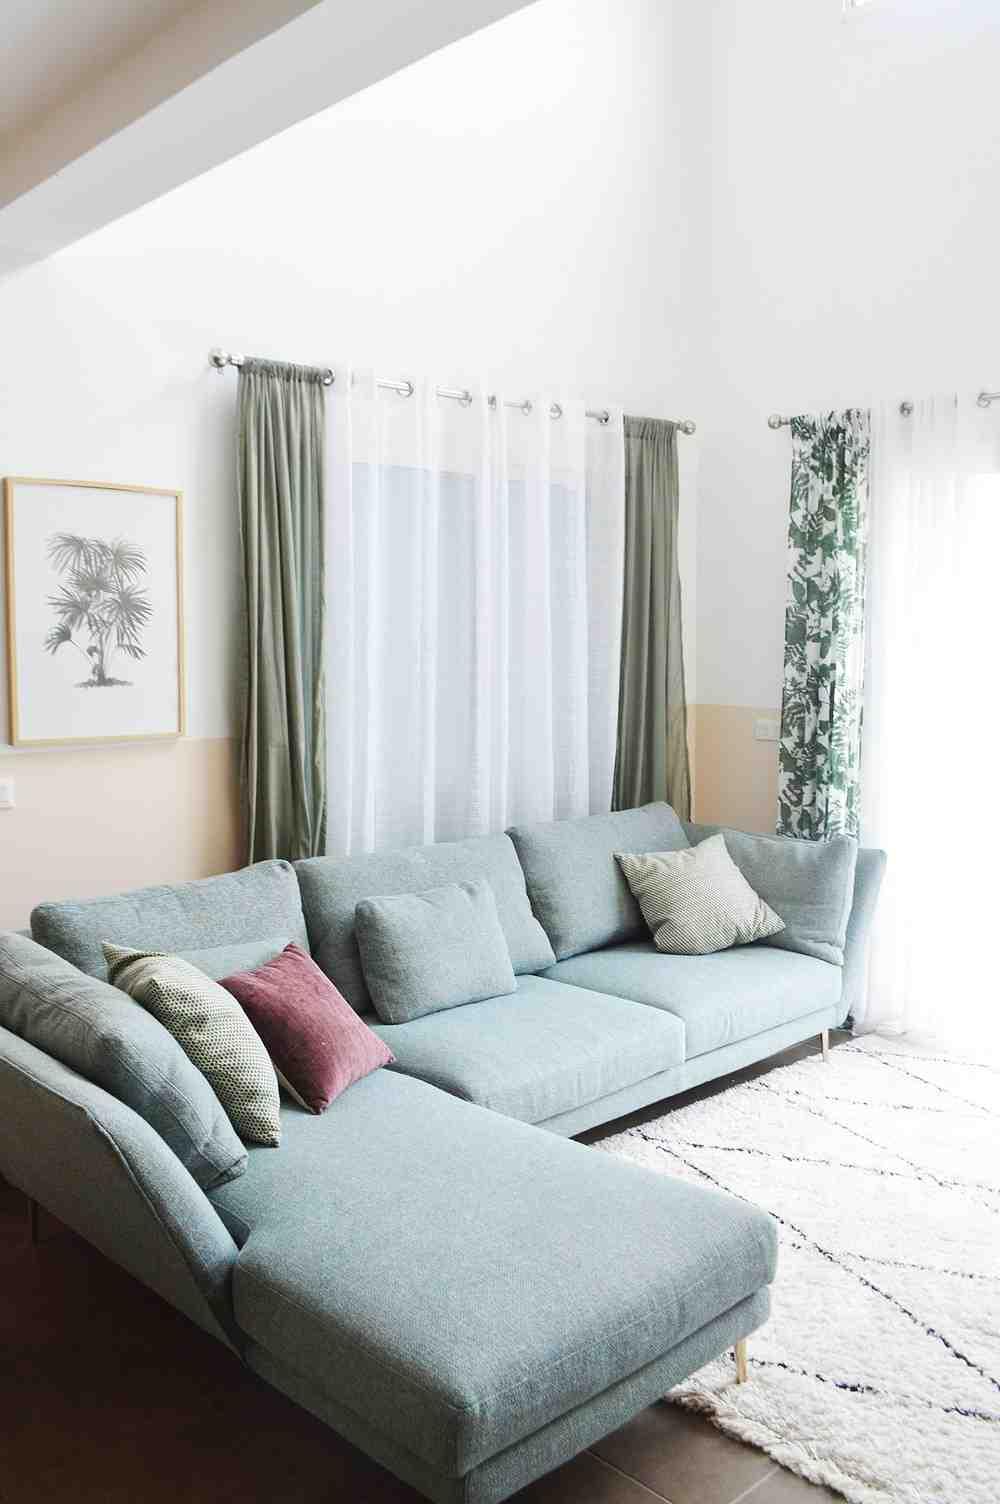 Comment rendre une maison plus chaleureuse ?